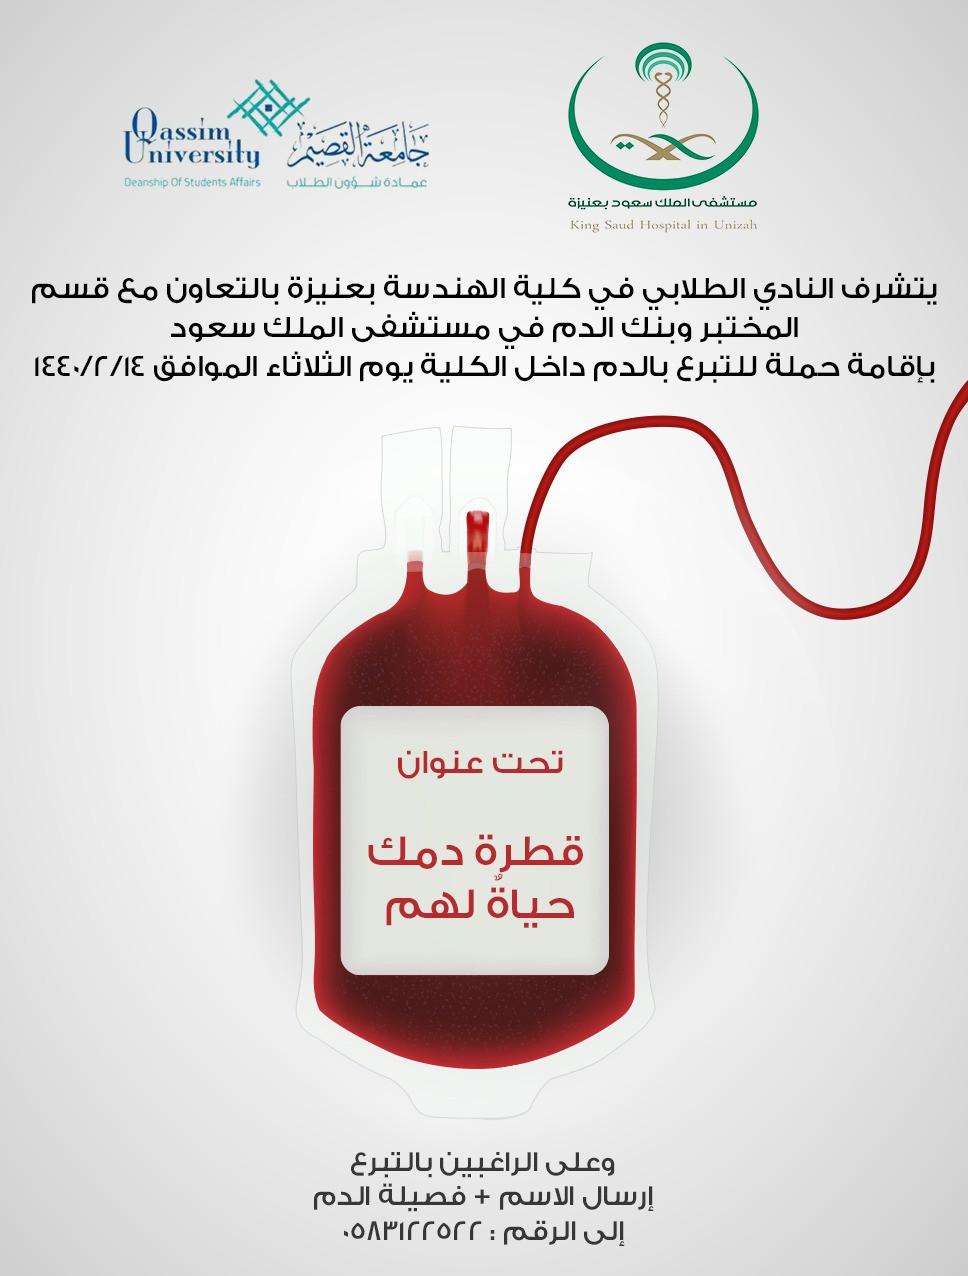 كلية الهندسة بعنيزة ينظم النادي الطلابي في كلية الهندسة حملة للتبرع بالدم